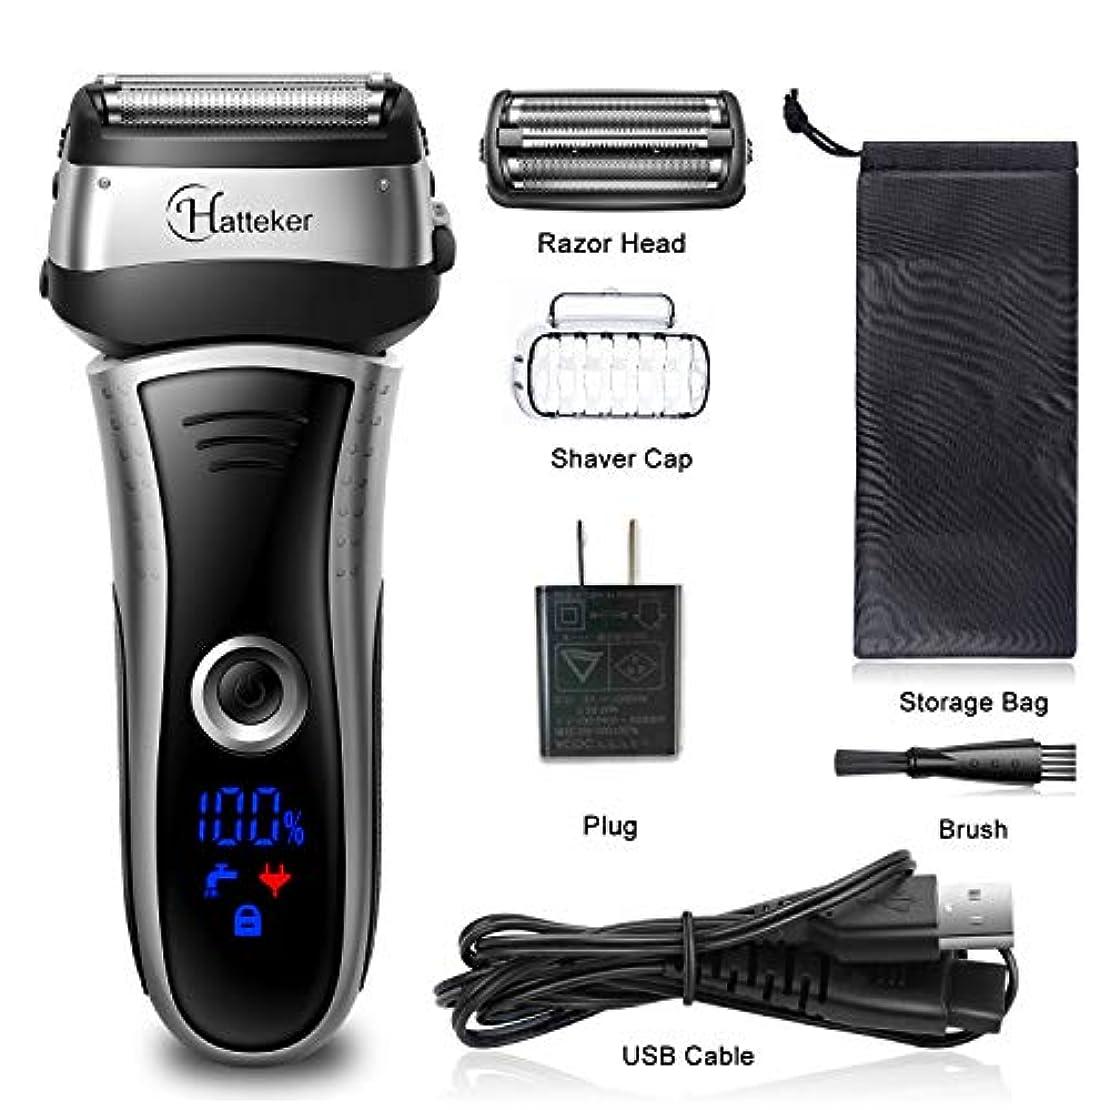 打ち負かす暫定の不平を言うHATTEKER メンズシェーバー ひげそり 電動髭剃り 往復式シェーバー 3枚刃 USB充電式 LEDディスプレイ お風呂剃り & 丸洗可 替刃付きブラック